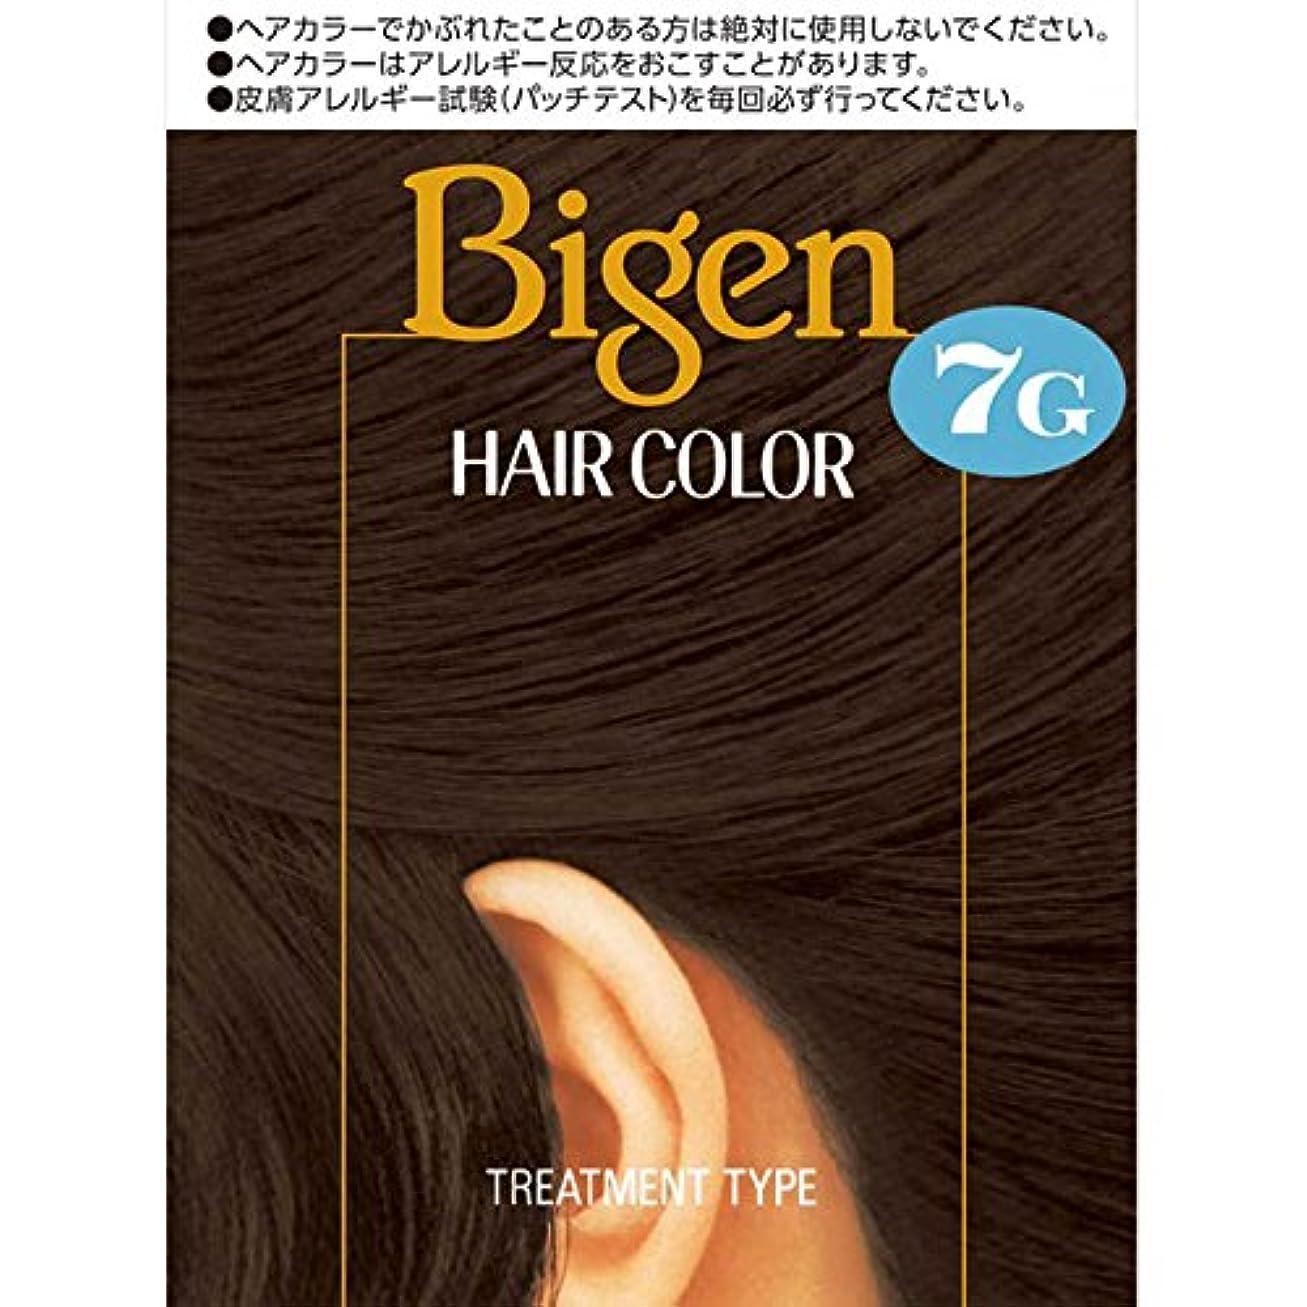 気性免除するジェットホーユー ビゲン ヘアカラー 7G 自然な黒褐色 40ml×2